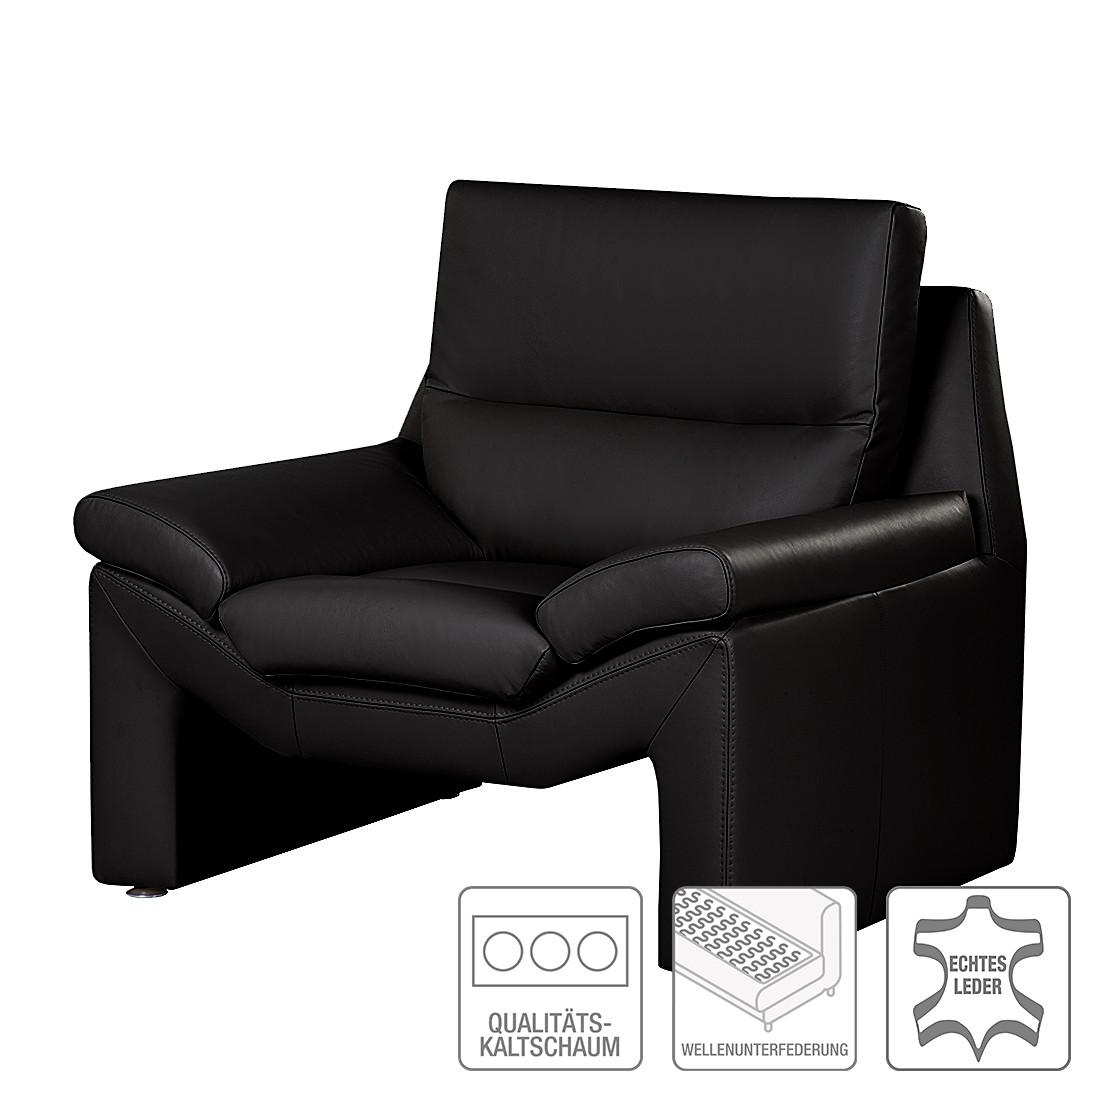 sessel longford echtleder schwarz nuovoform bestellen. Black Bedroom Furniture Sets. Home Design Ideas